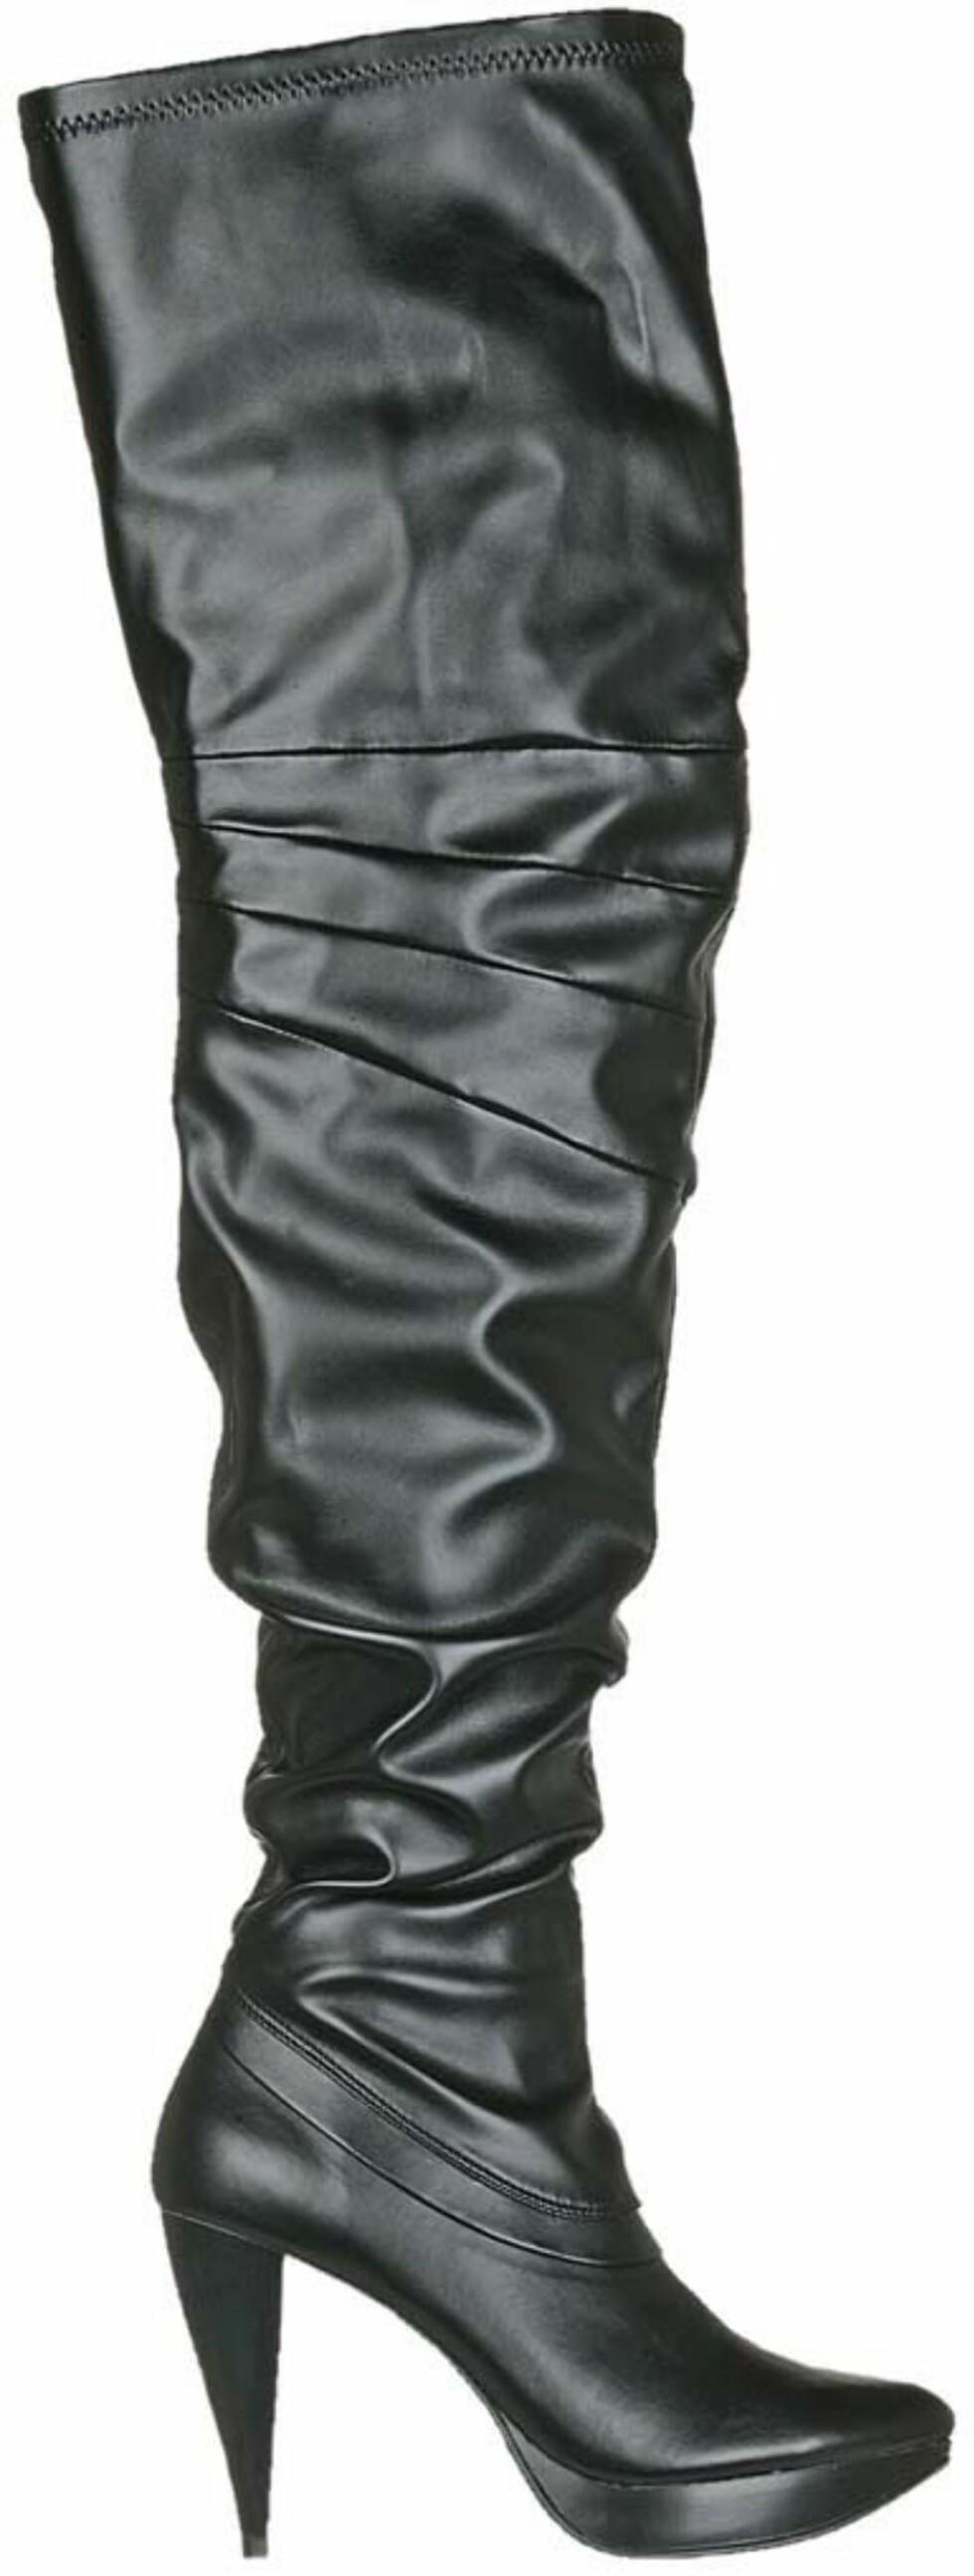 Skyhøye støvletter med platå som går langt opp på låret (kr 600, Din Sko).